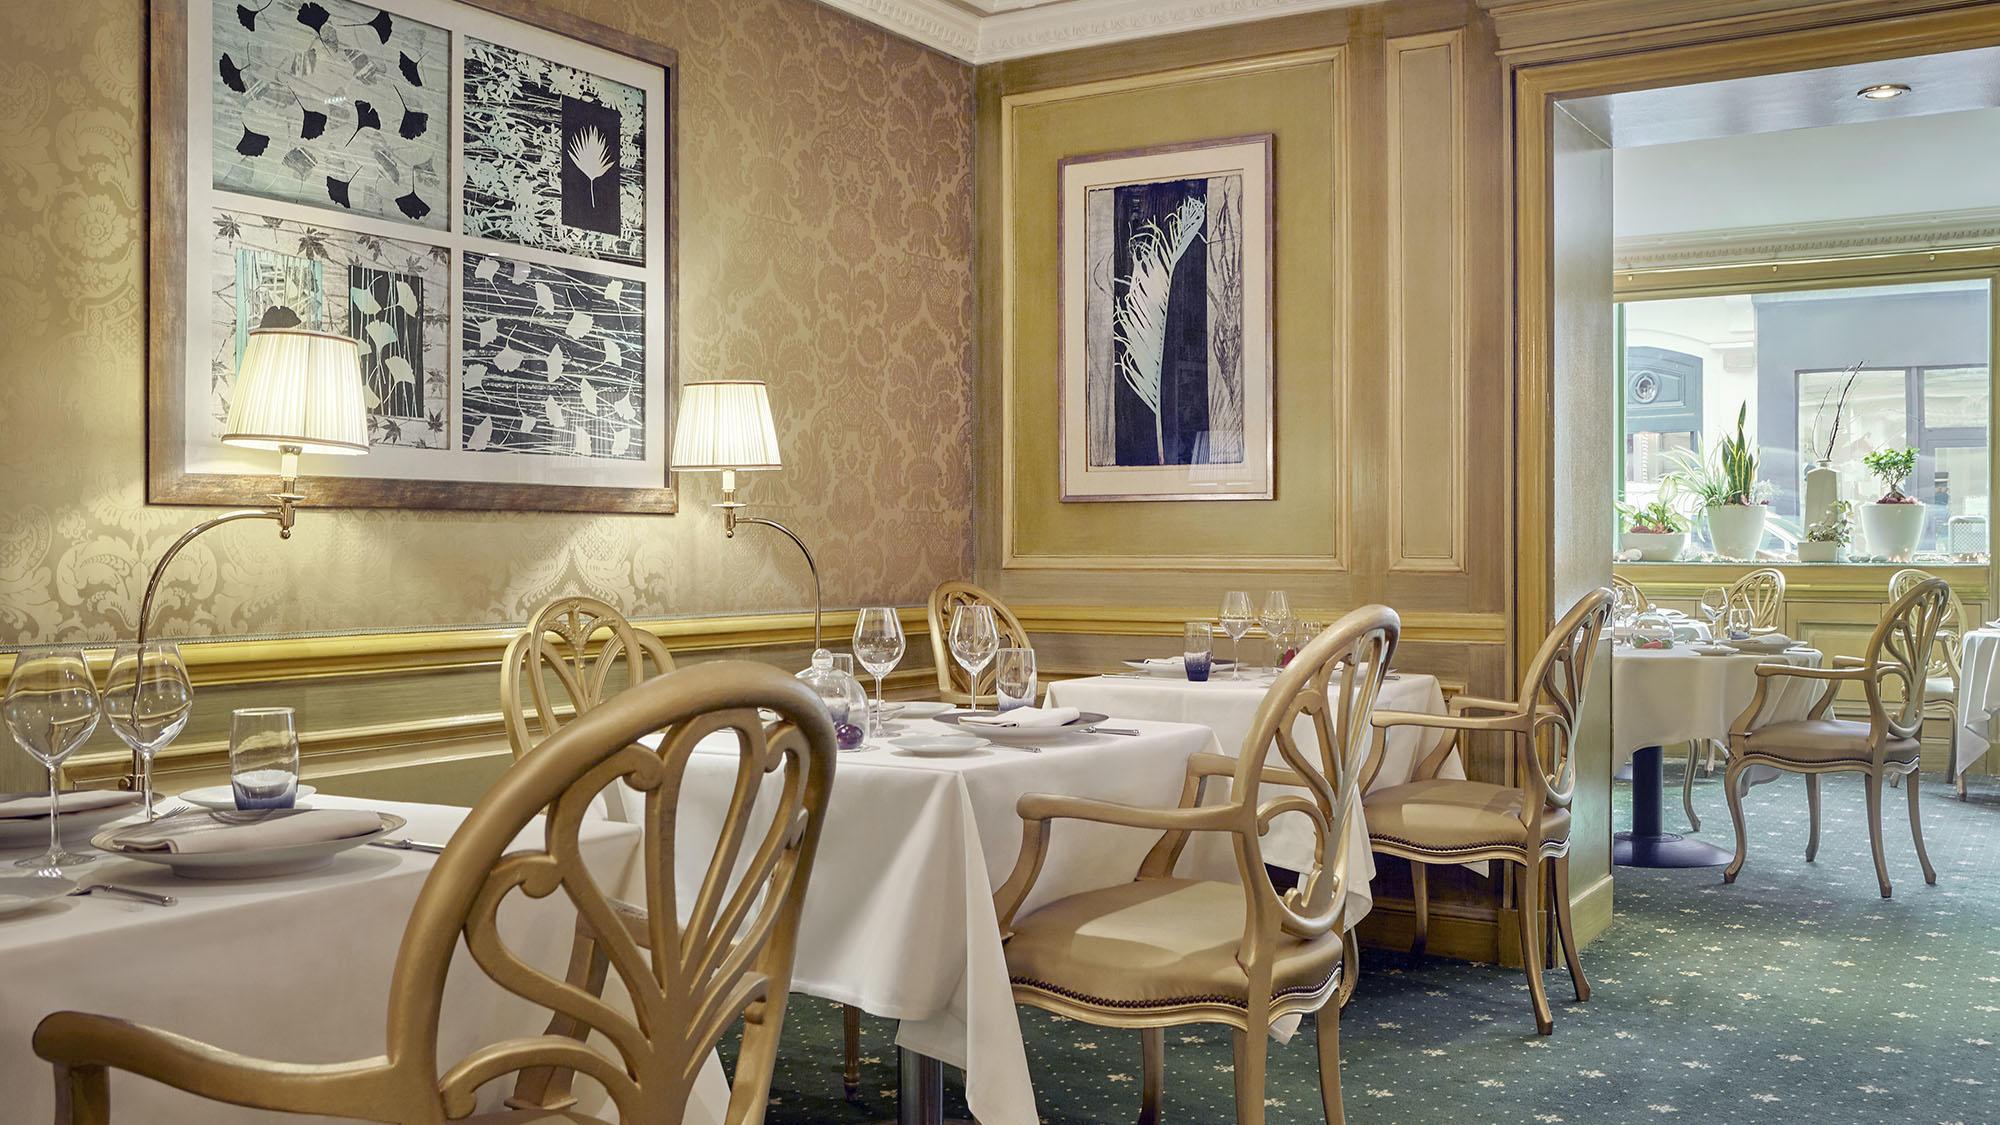 Le Celadon Restaurant Multiple Tables for Two at Hôtel Westminster